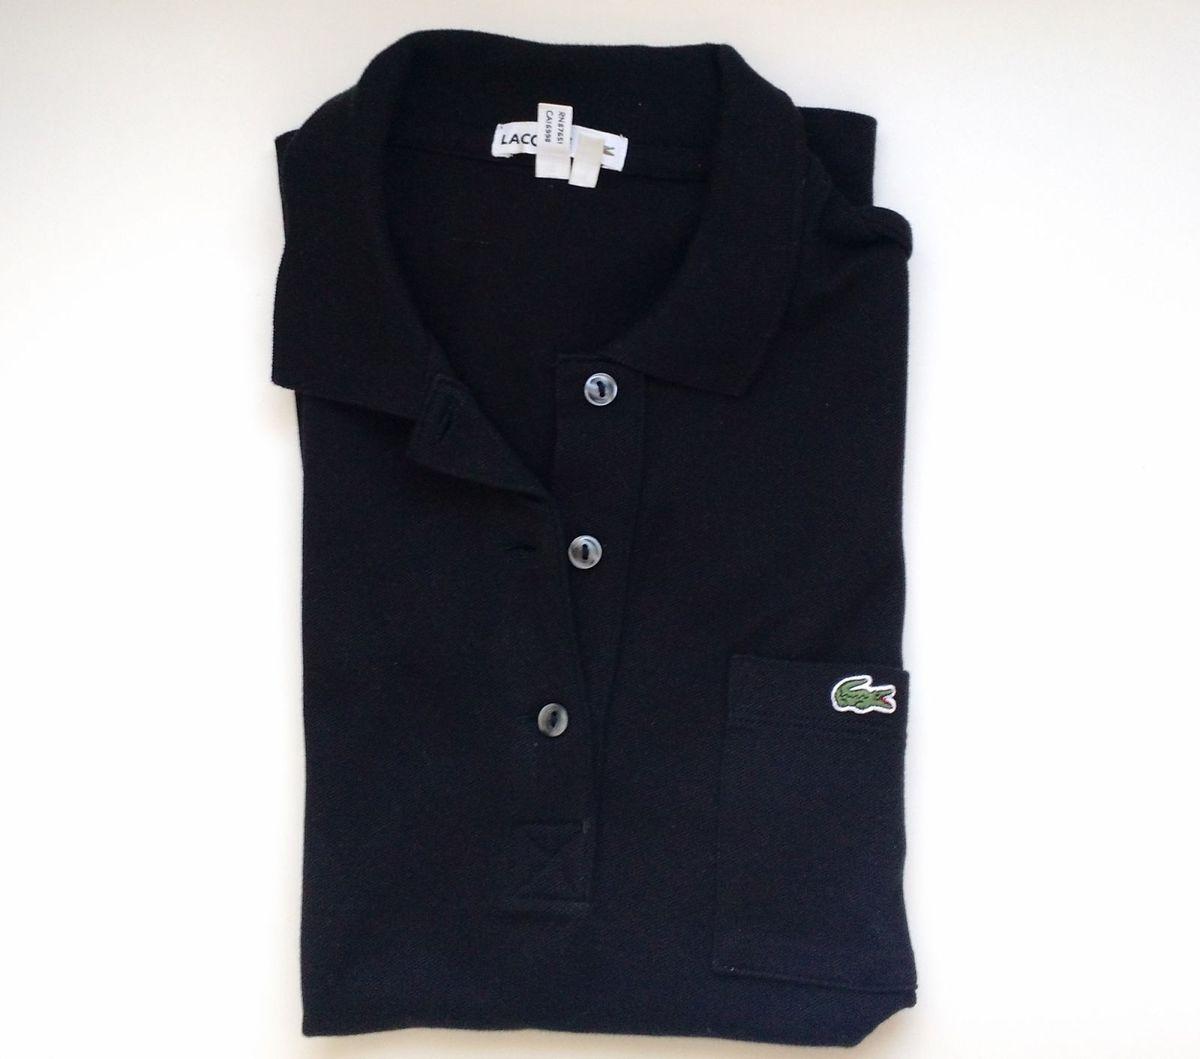 camisa polo lacoste preta - camisetas lacoste.  Czm6ly9wag90b3muzw5qb2vplmnvbs5ici9wcm9kdwn0cy80otu0njgvmtqzmwjkntnlmzhmmdlhmdhknjzjmdu4mtyzymu2odeuanbn  ... 58b9651f97